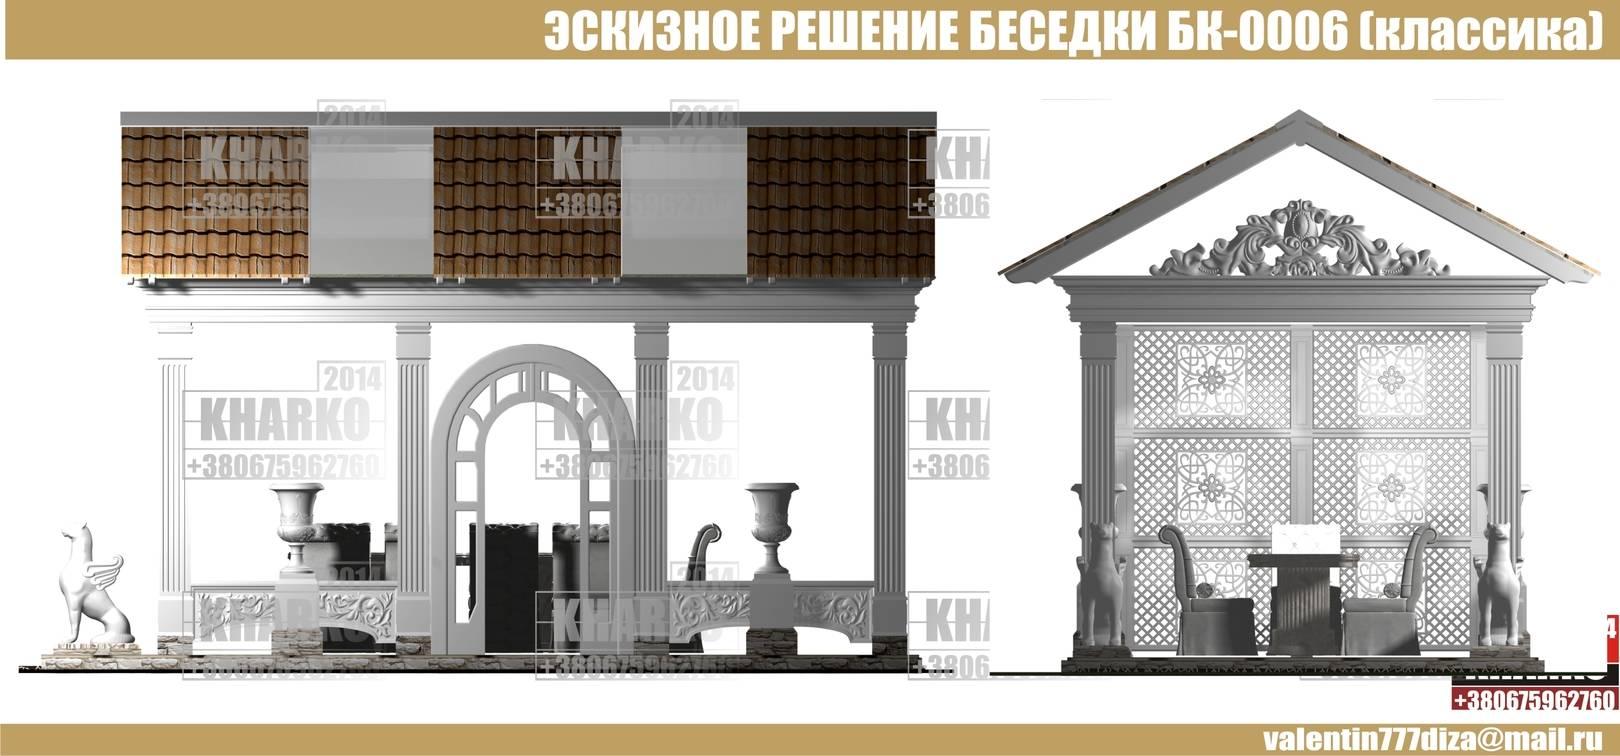 ПРОЕКТ БЕСЕДКИ БК-0006 (классика)